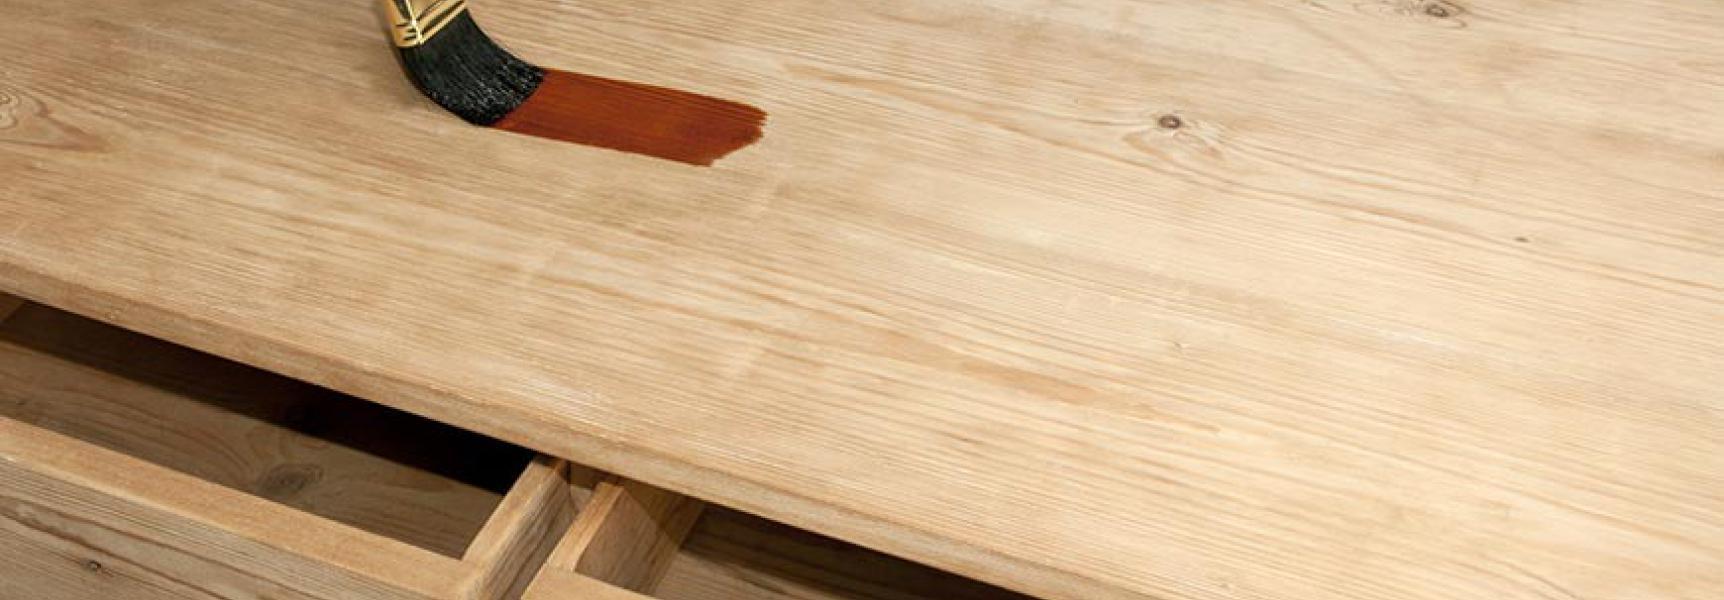 Mann streich Holzmöbel